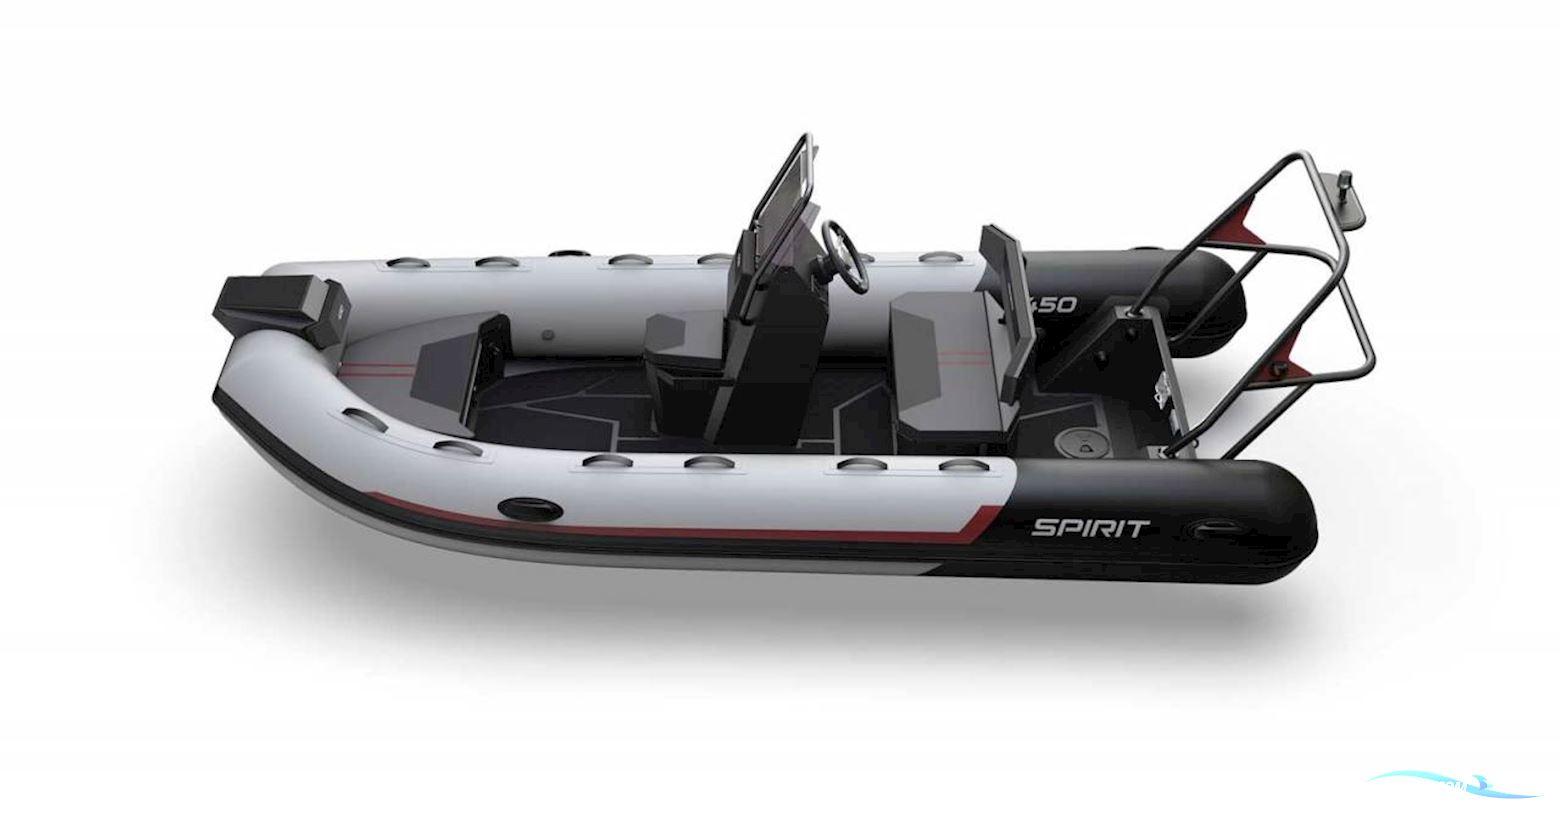 Aqua Spirit 450C